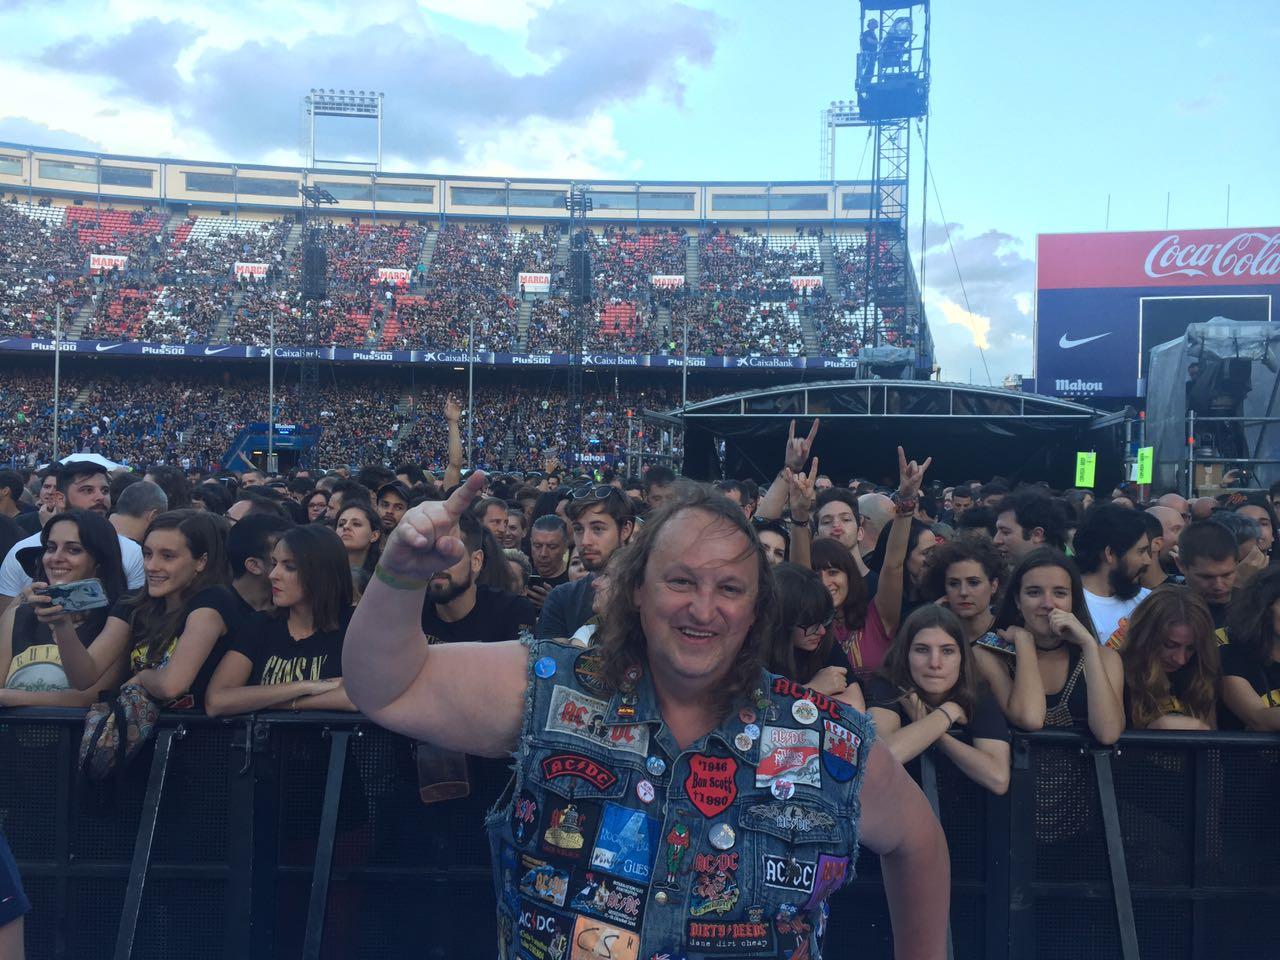 Концерт Guns N' Roses 2017